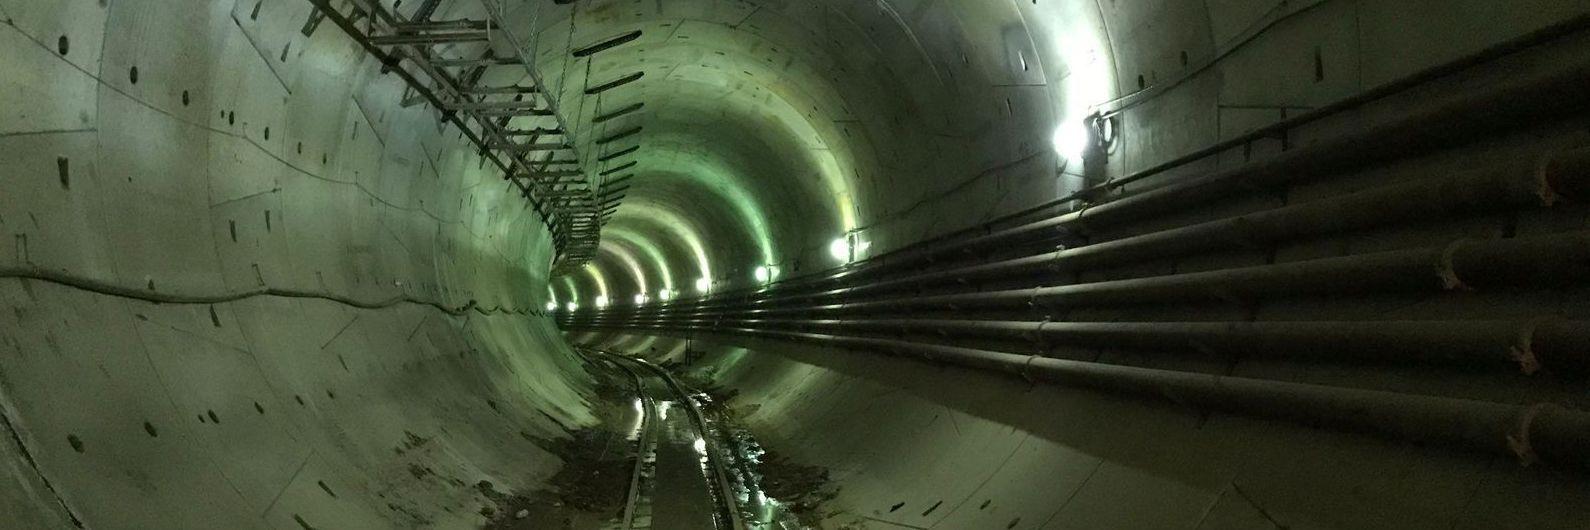 """Elon Musk continua a fazer túnel para fugir ao trânsito e agora há foto da """"escavadora"""""""